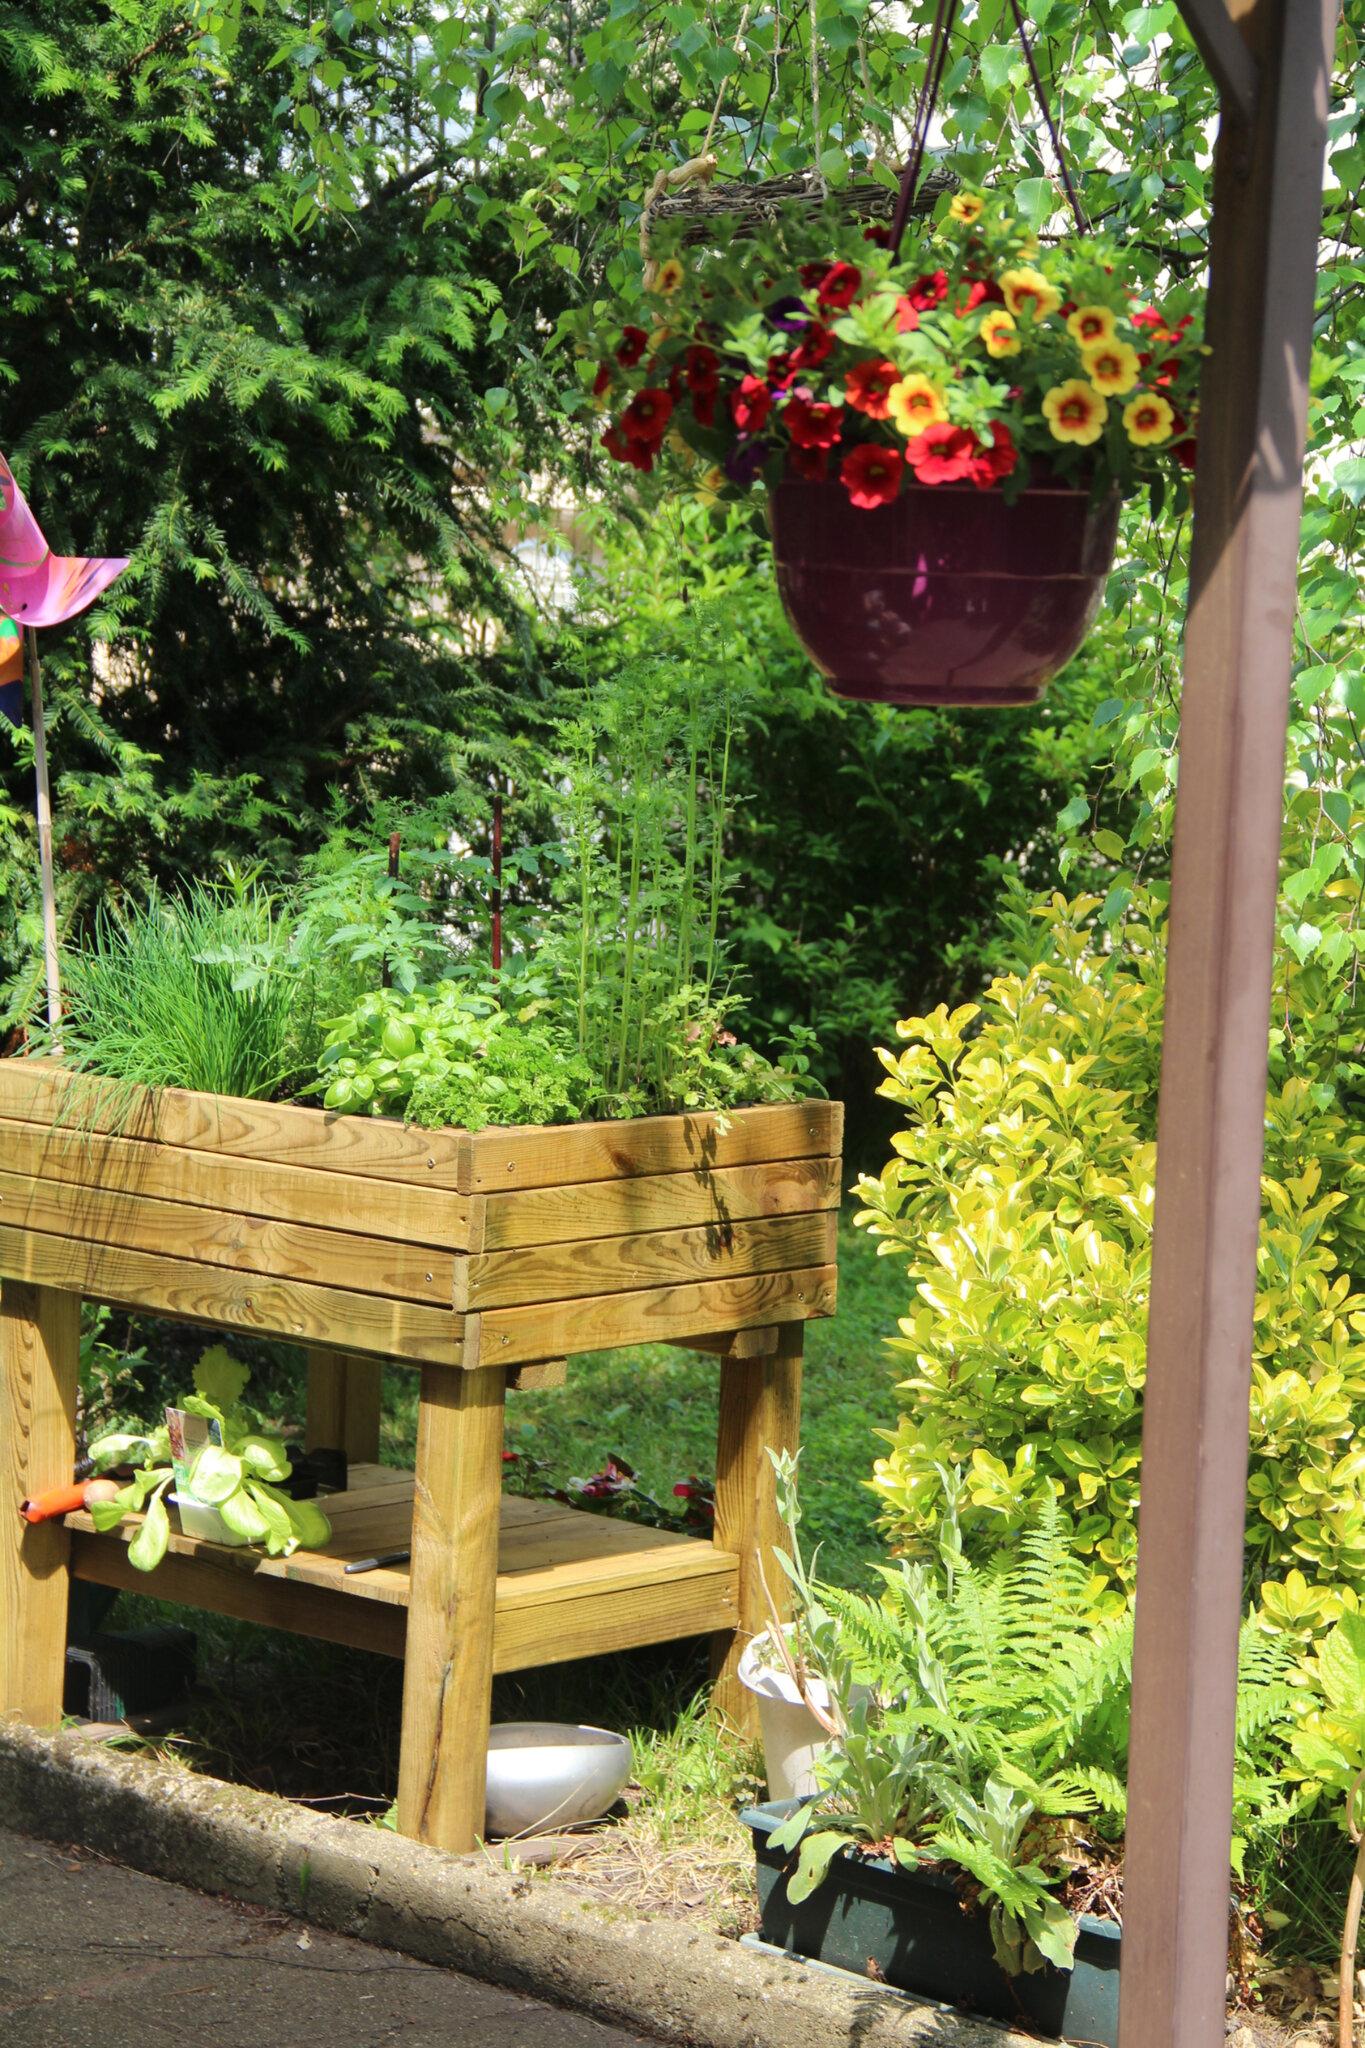 Bac Pour Arbuste De Jardin bac pour aromatiques au jardin - pouce ! cà pousse ! ! !